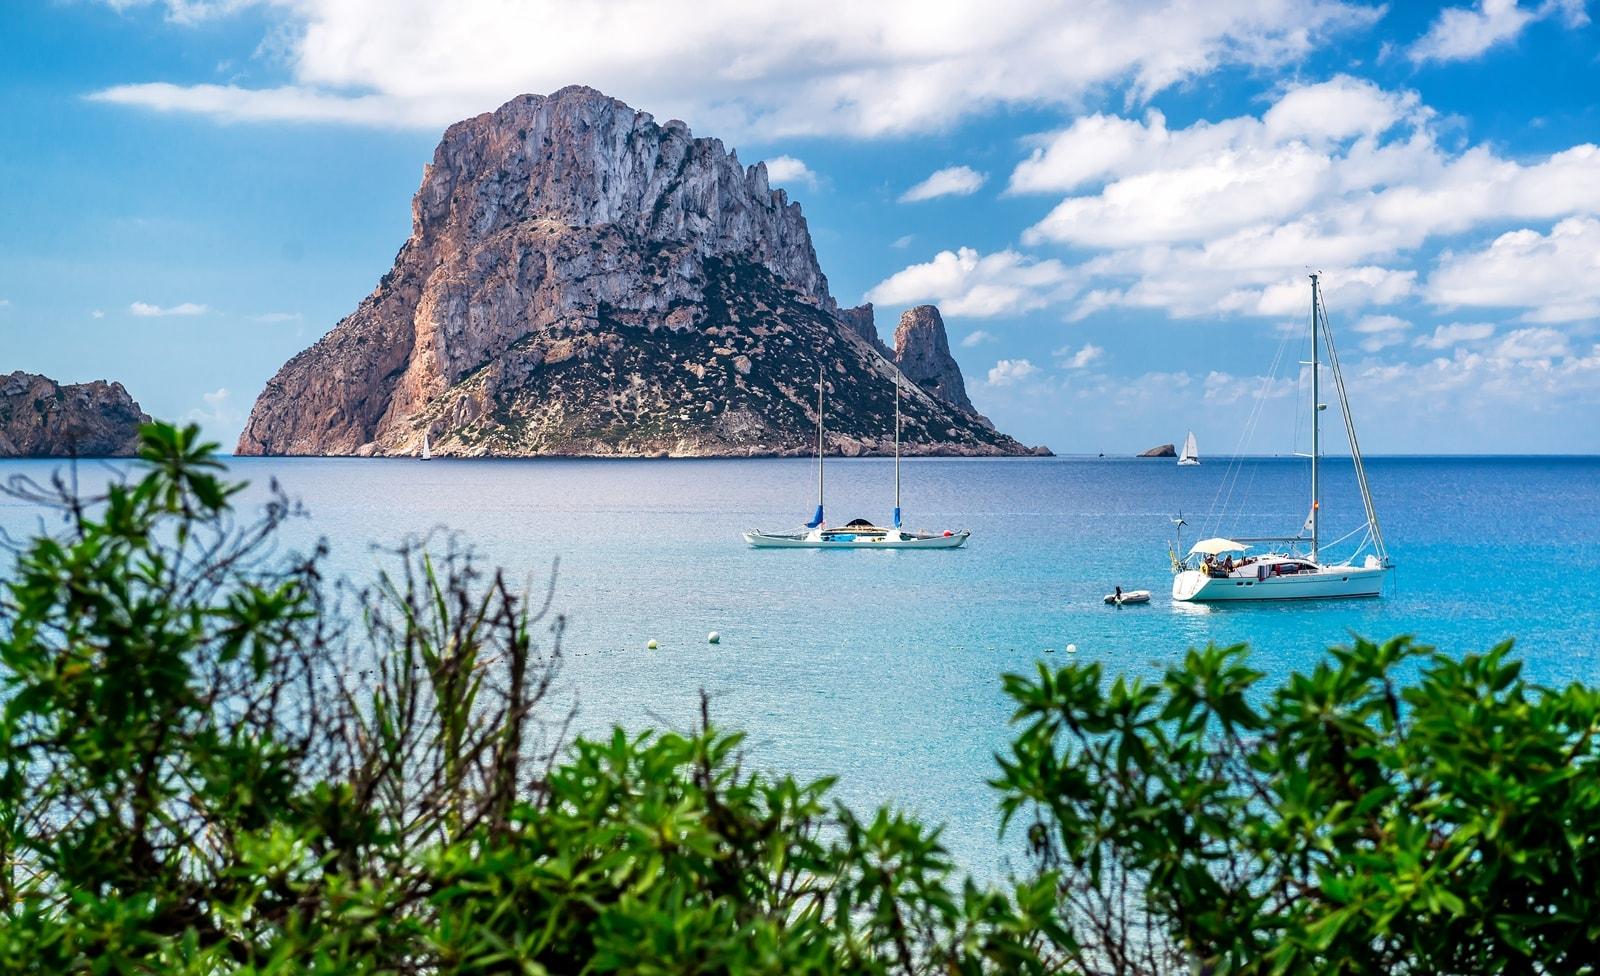 Ibiza Karte Umriss.Ibiza Sehenswürdigkeiten Die 10 Besten Attraktionen 2019 Mit Fotos